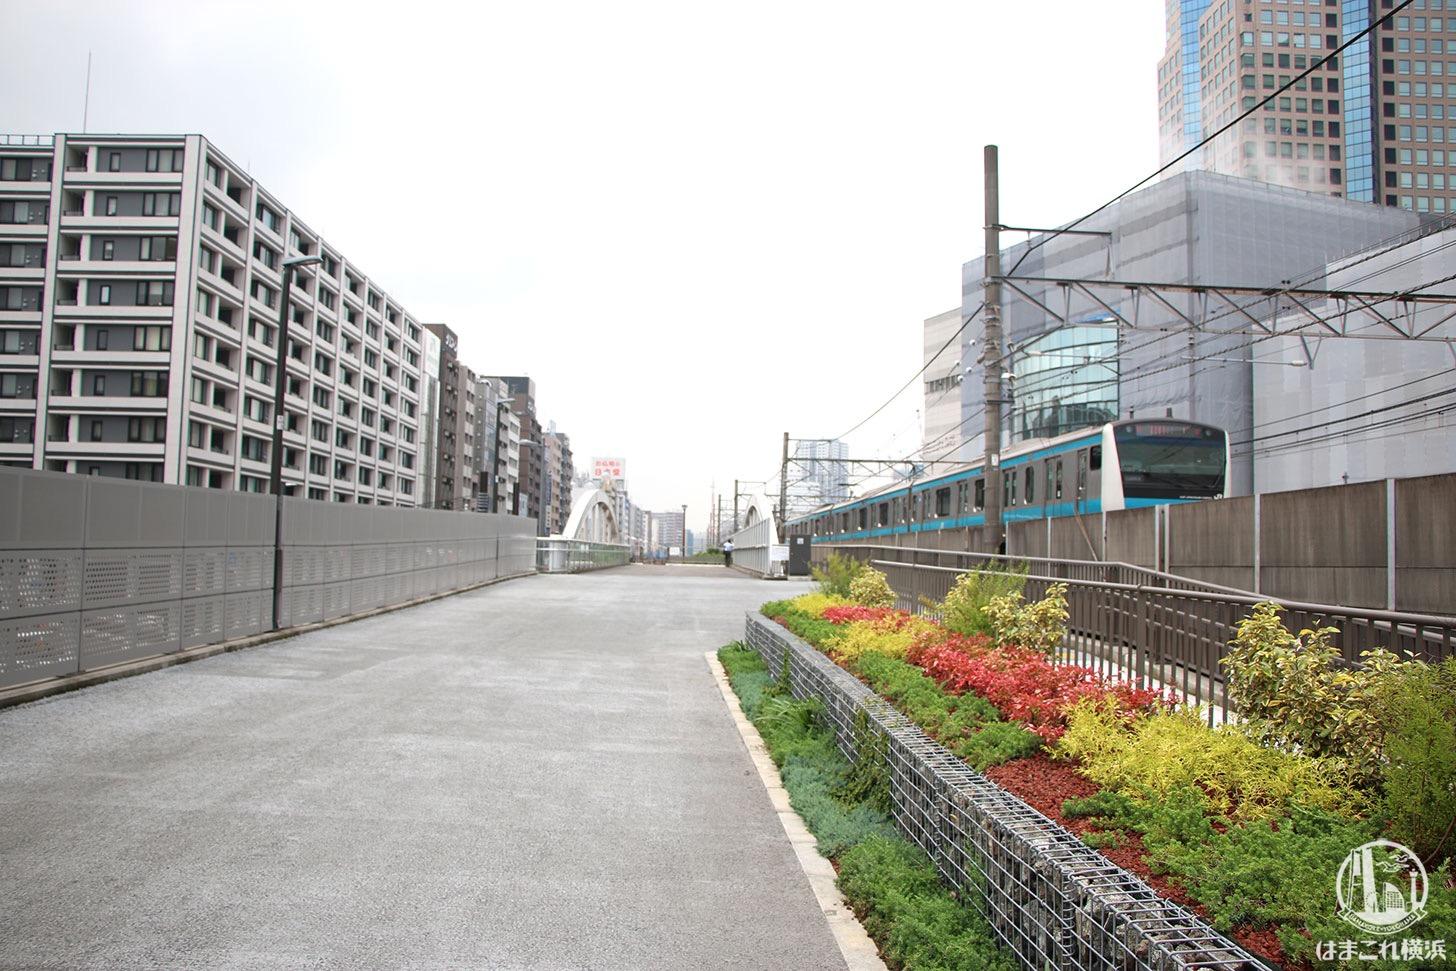 東横線跡地(桜木町駅そば)の歩道は走行中の電車が間近で見える場所だった!